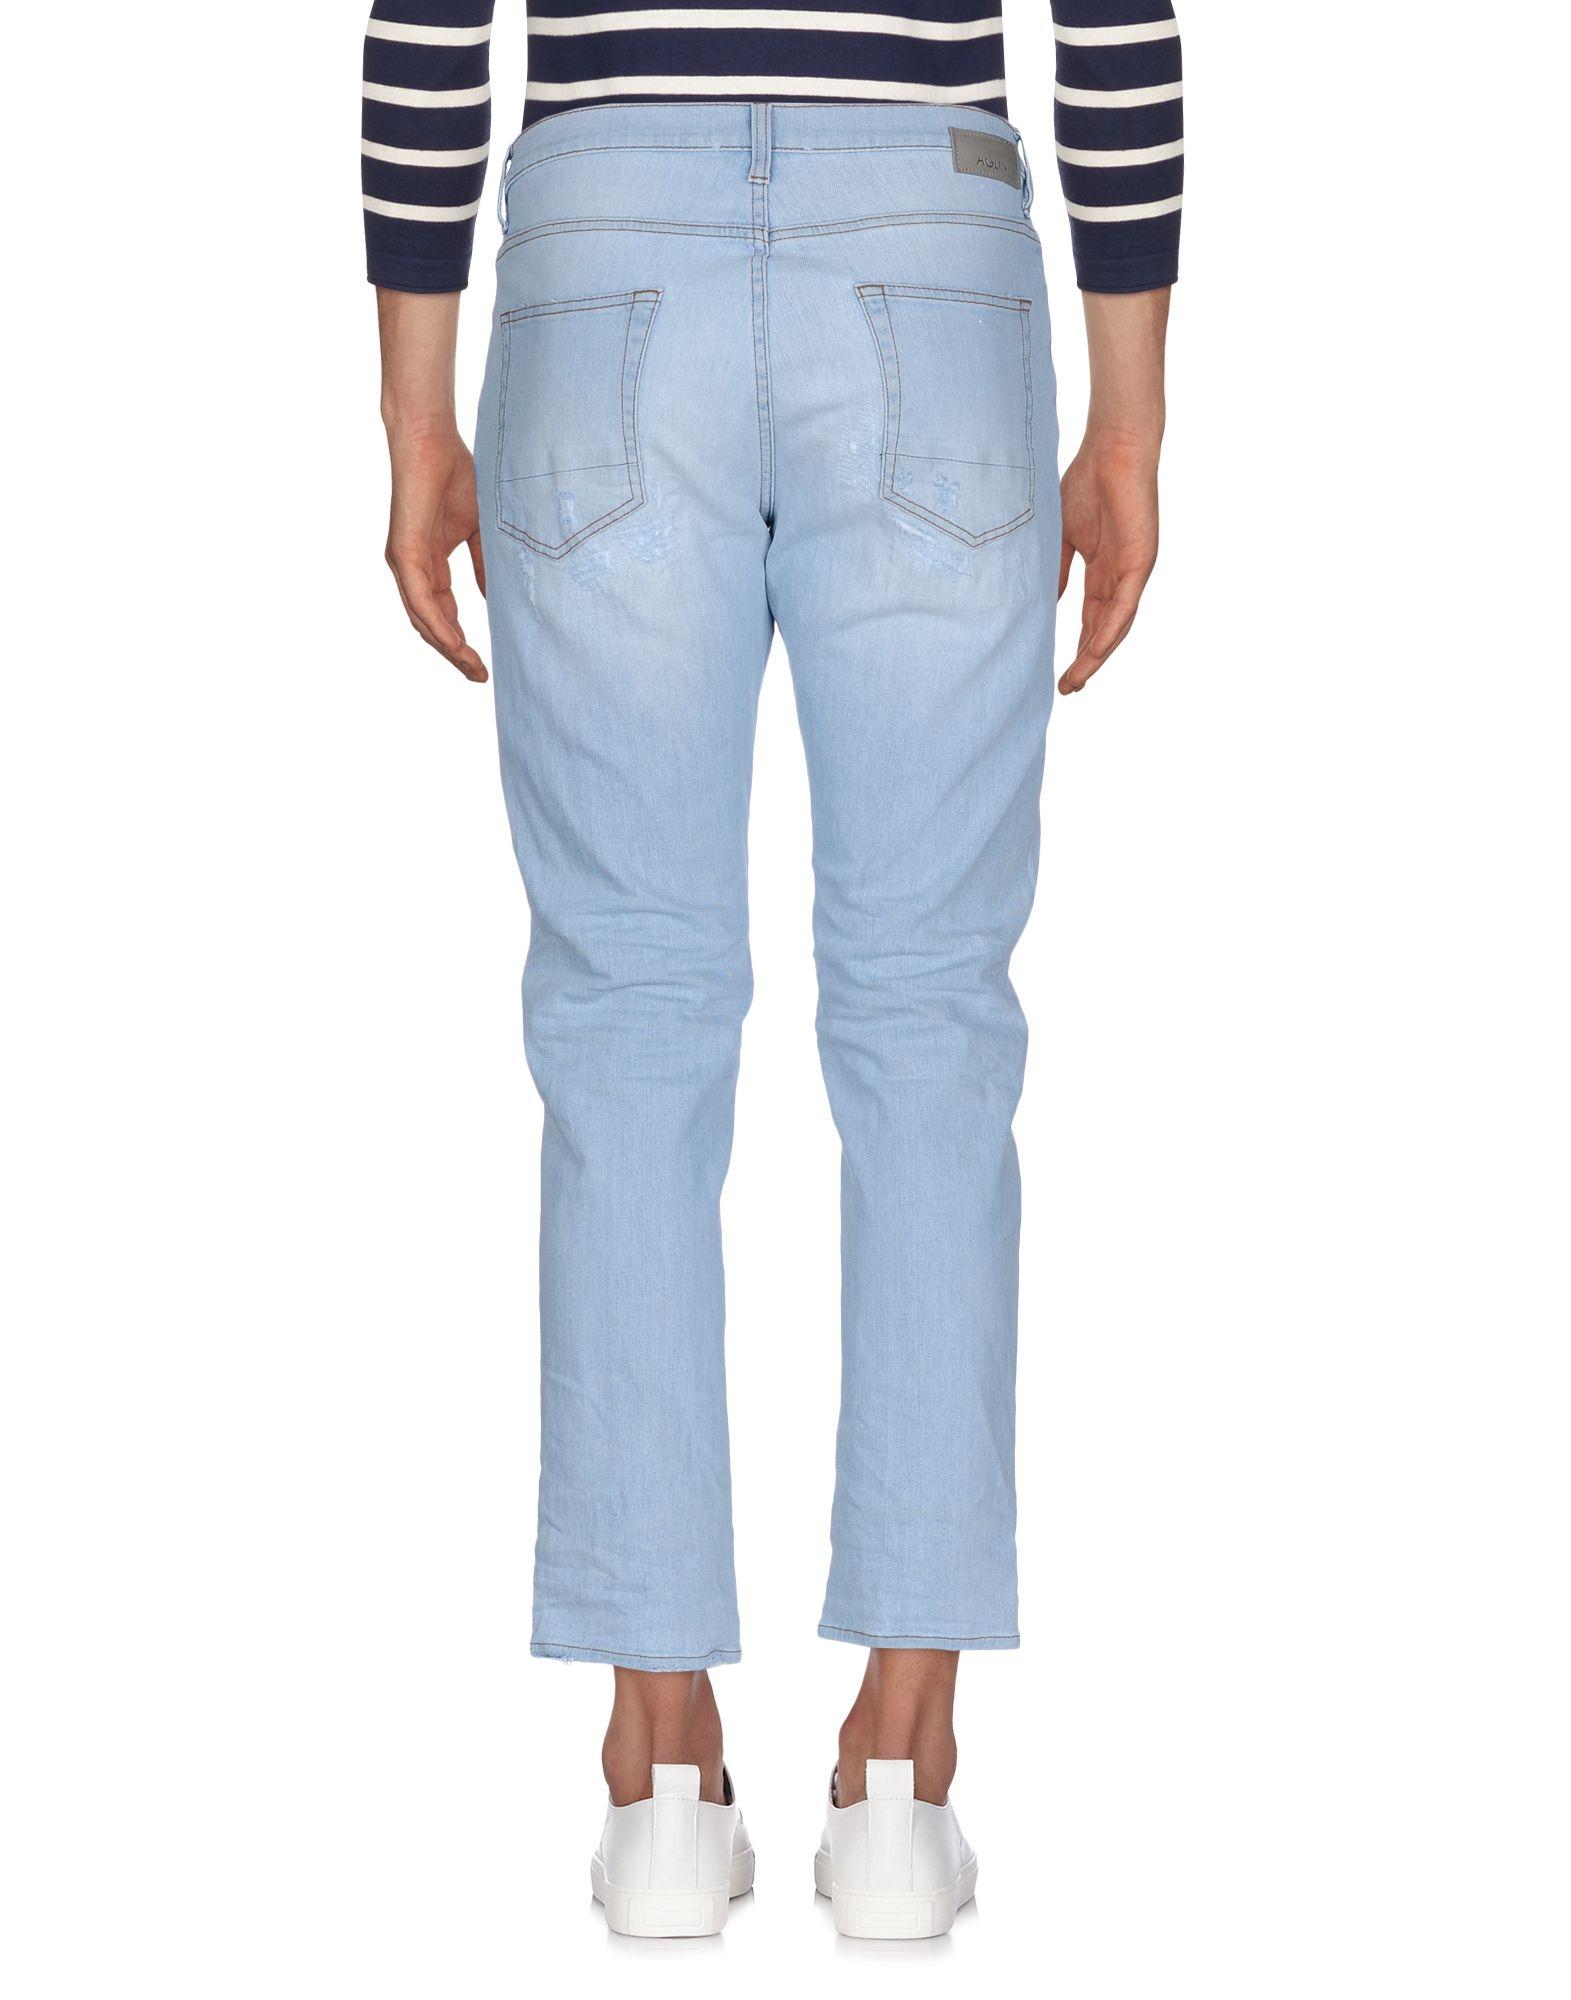 Pantaloni Jeans Jeans Pantaloni Aglini Uomo - 42634016QK 36b3ab